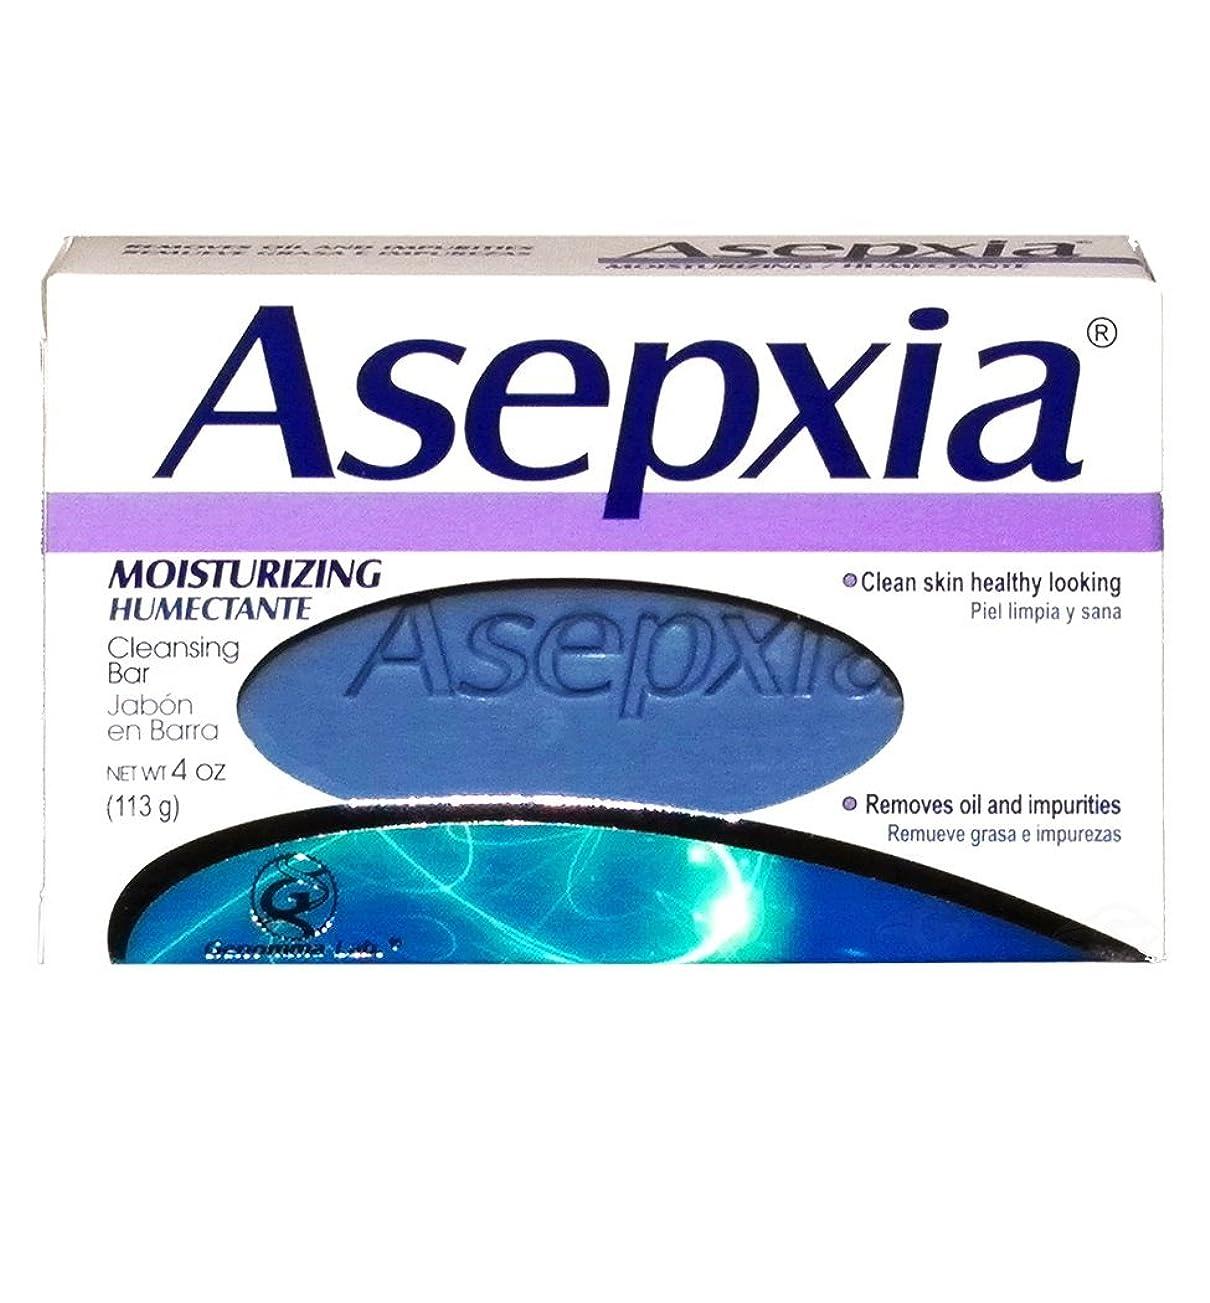 合併症フェロー諸島ショッキングAsepxia Moisturizing Soap 3.53 oz - Jabon Humectante by Asepxia [並行輸入品]